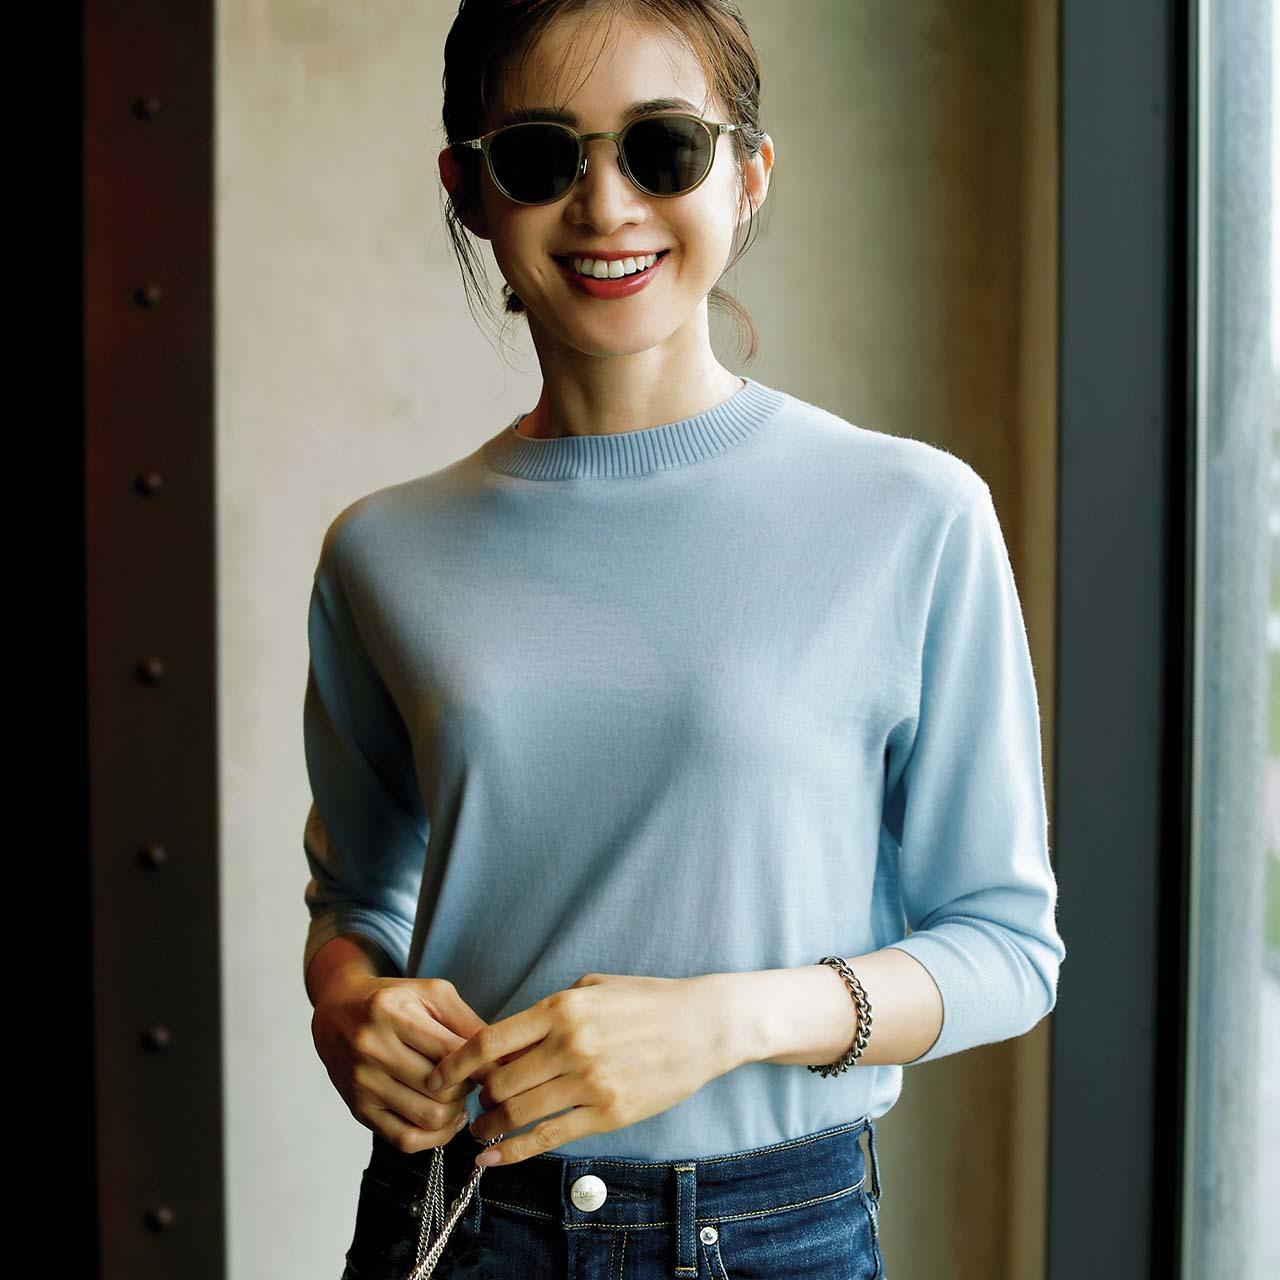 きれい色クルーネックニット+サングラスコーデを着たモデルの高垣麗子さん